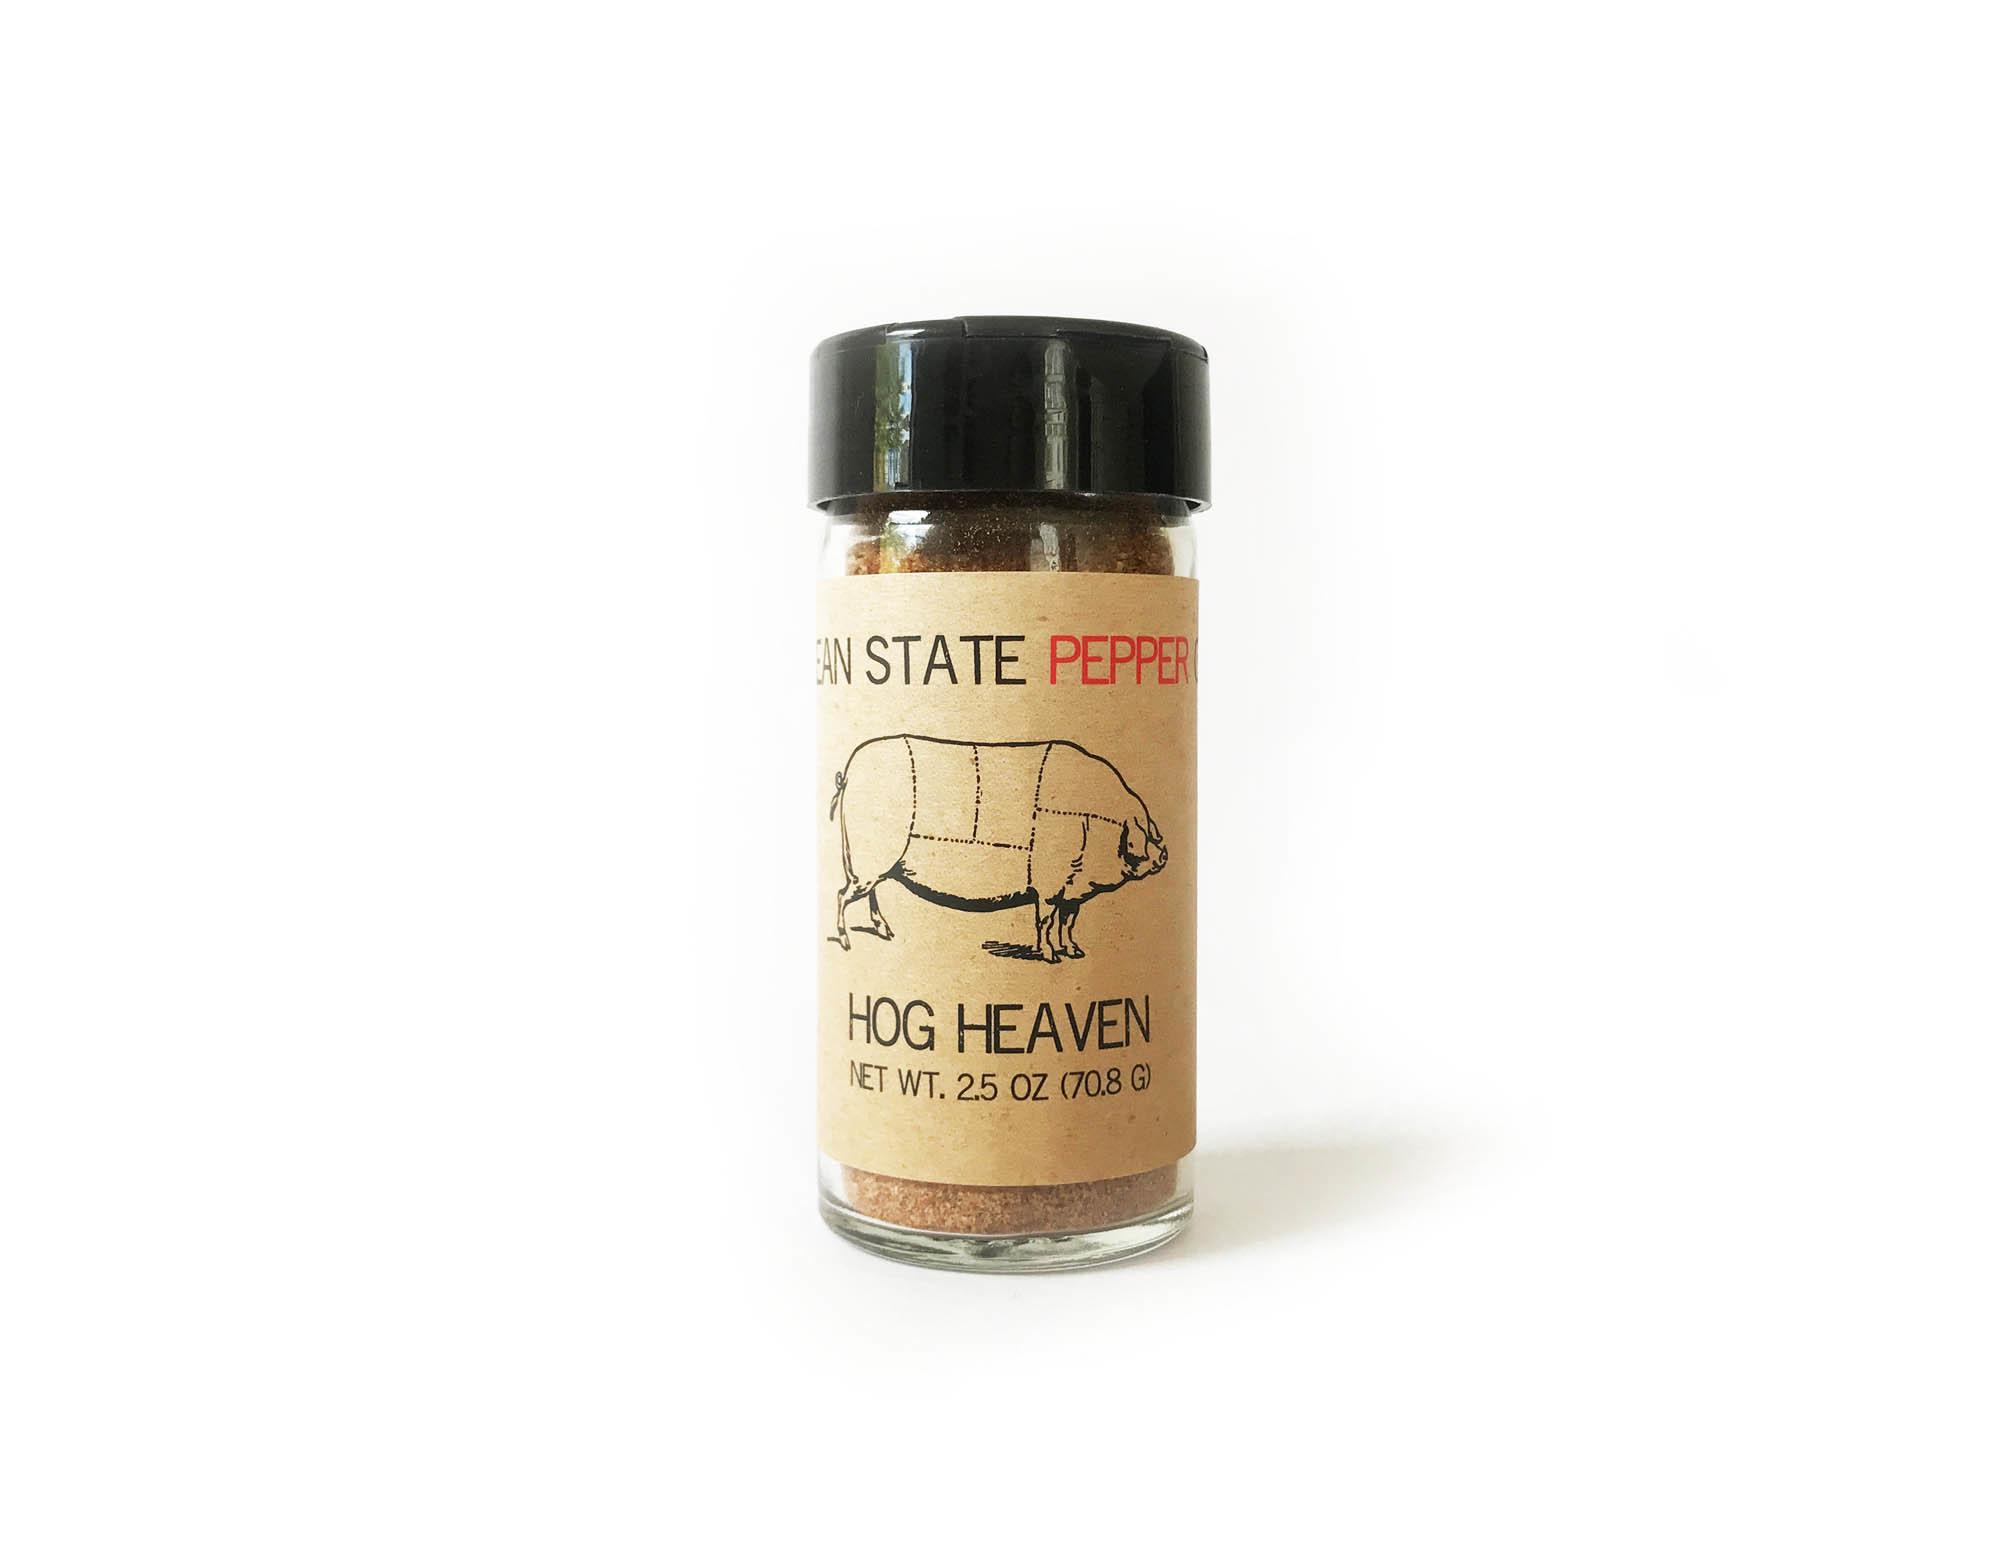 Ocean State Pepper Co. Seasonings, 2 oz. Jar-4